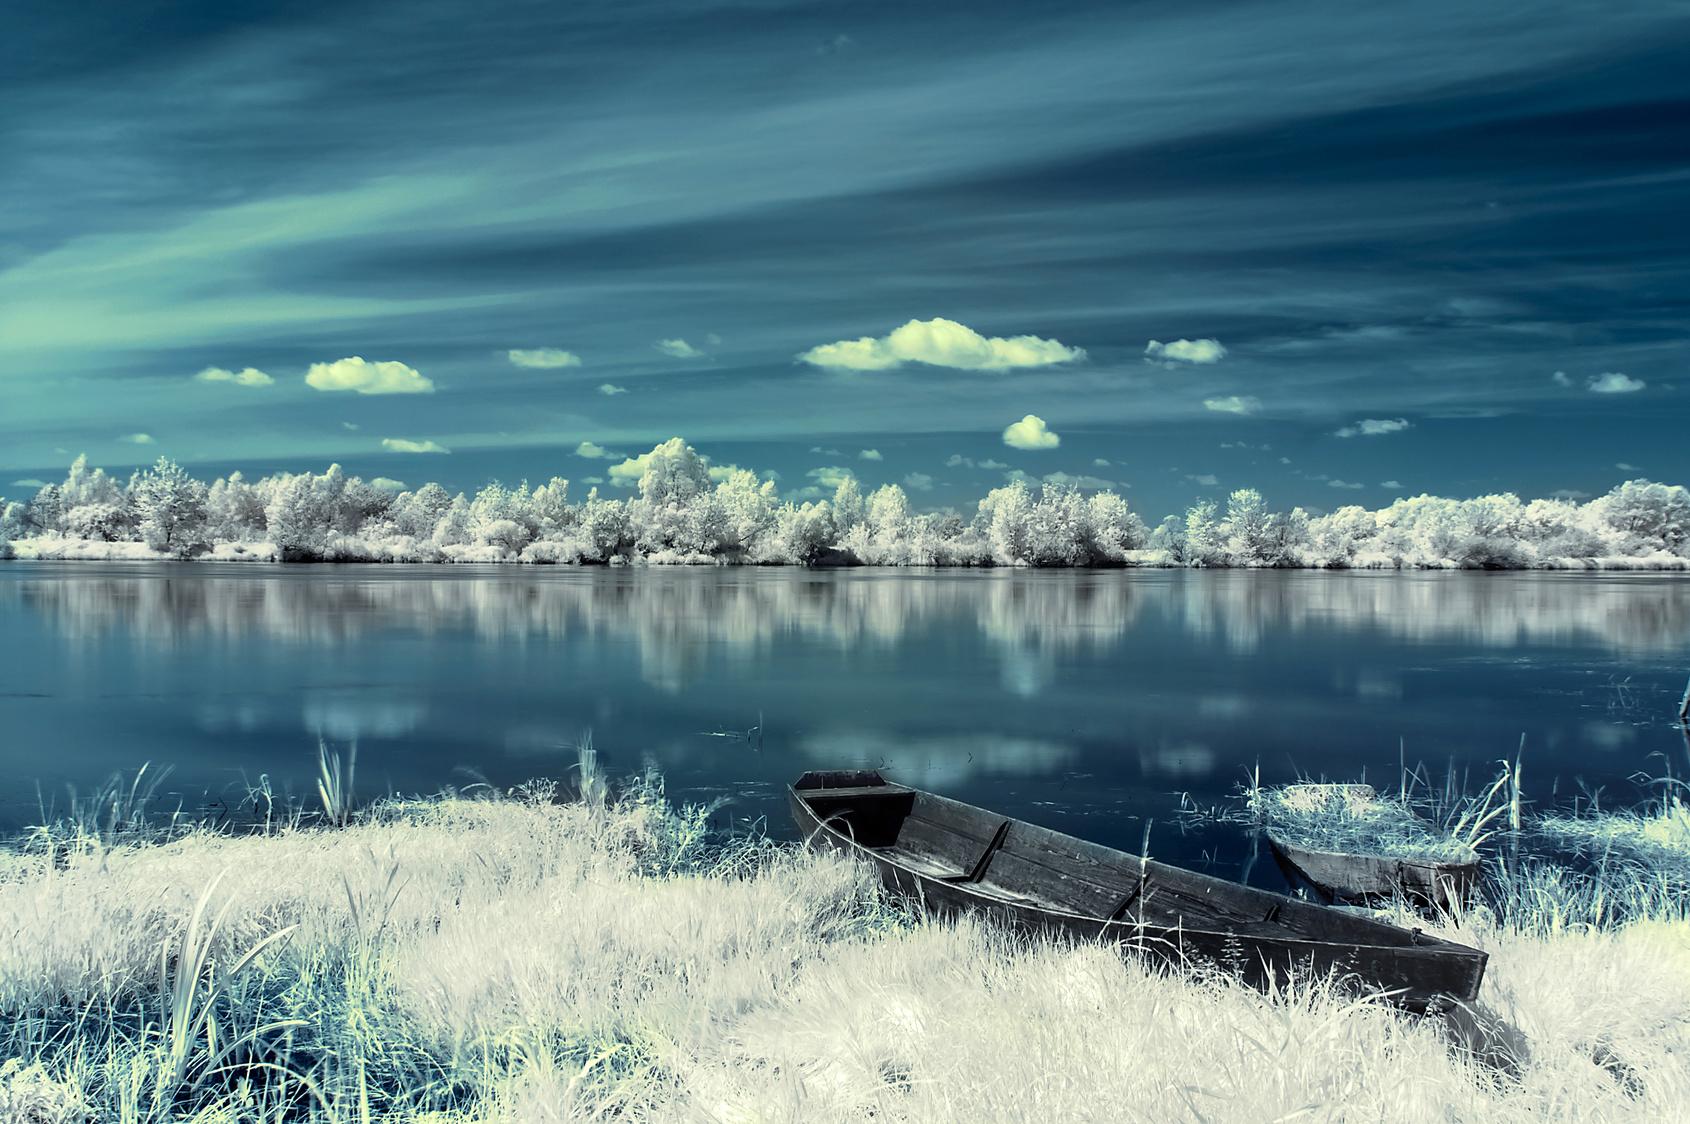 Ein Boot in weißem Gras am Seeufer. Der dunkelblaue Himmel spiegelt sich im Wasser.